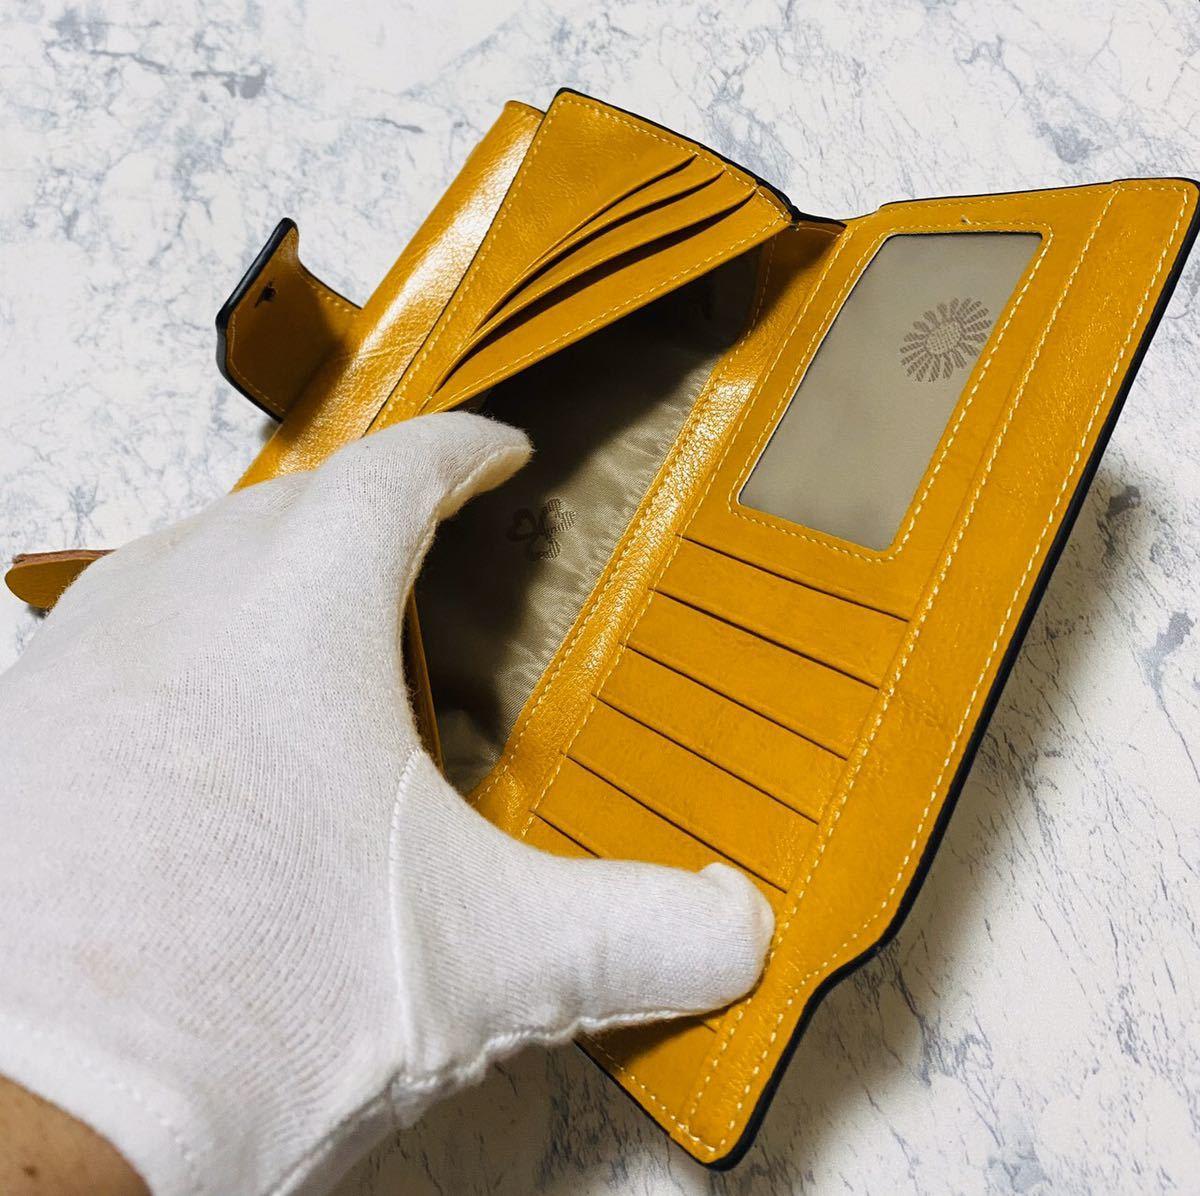 大容量 牛革 財布 カード21枚収納 二つ折り 折財布 スマホ収納可能 本革 メンズ レディス イエロー_画像10